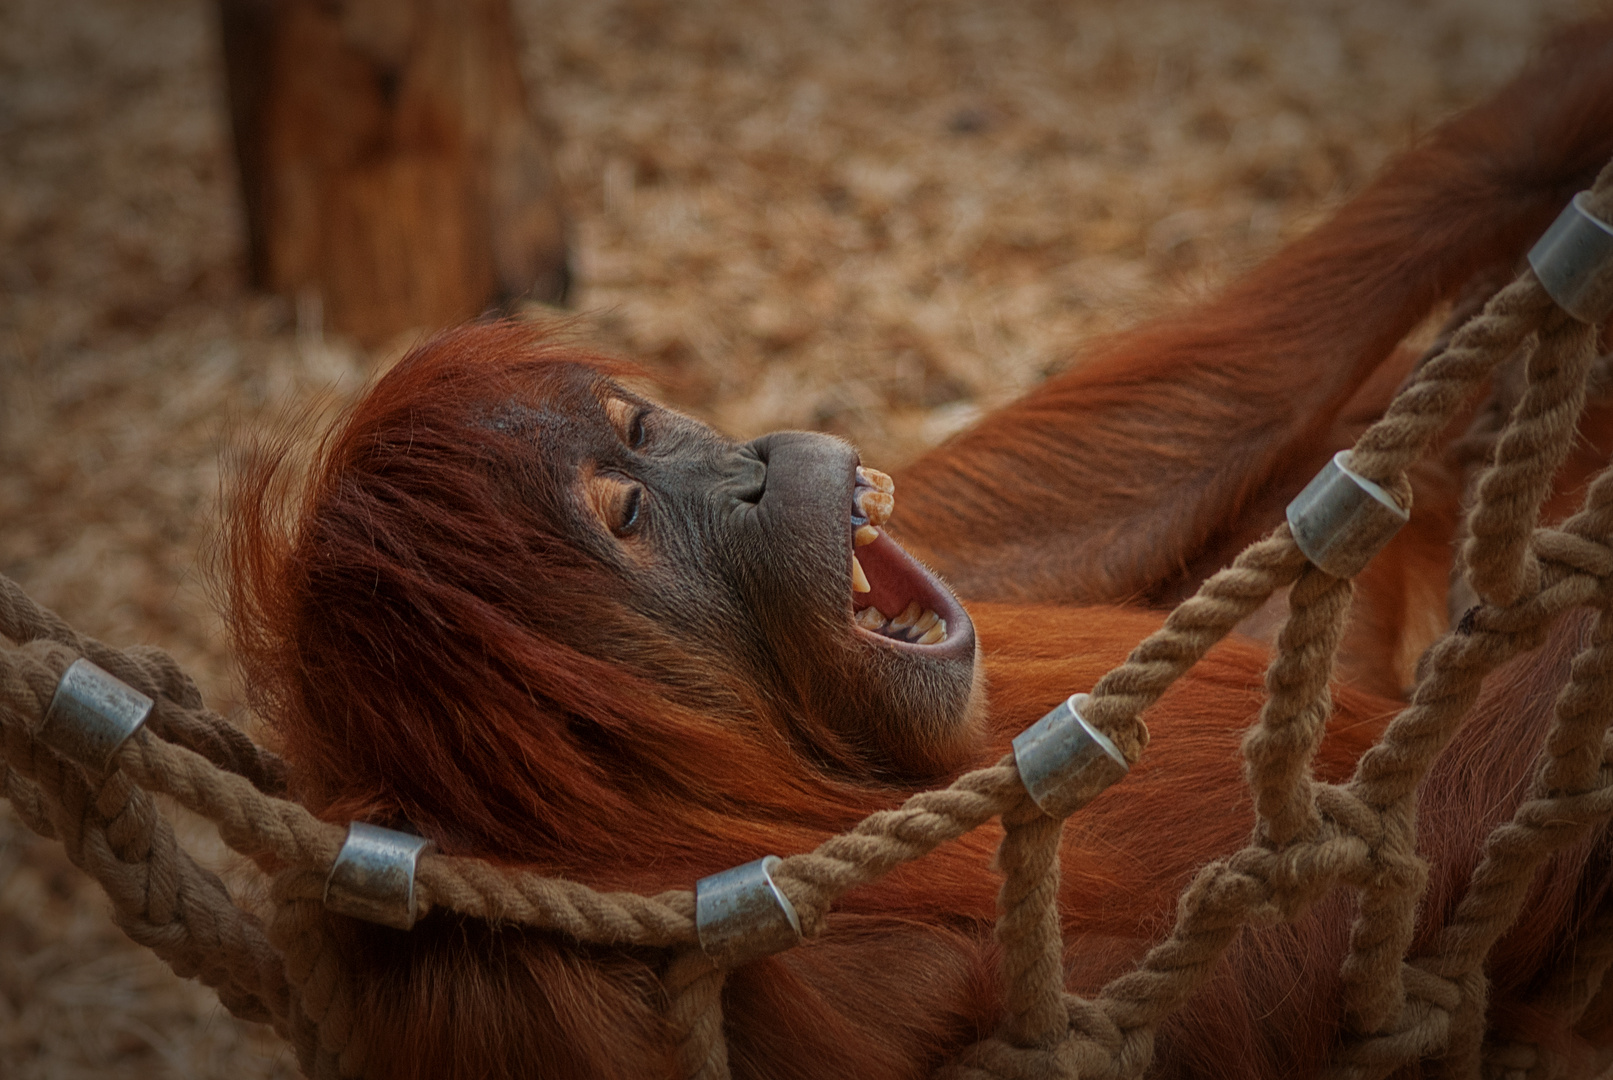 Auch ein Orang-Uthan braucht seine Ruhe